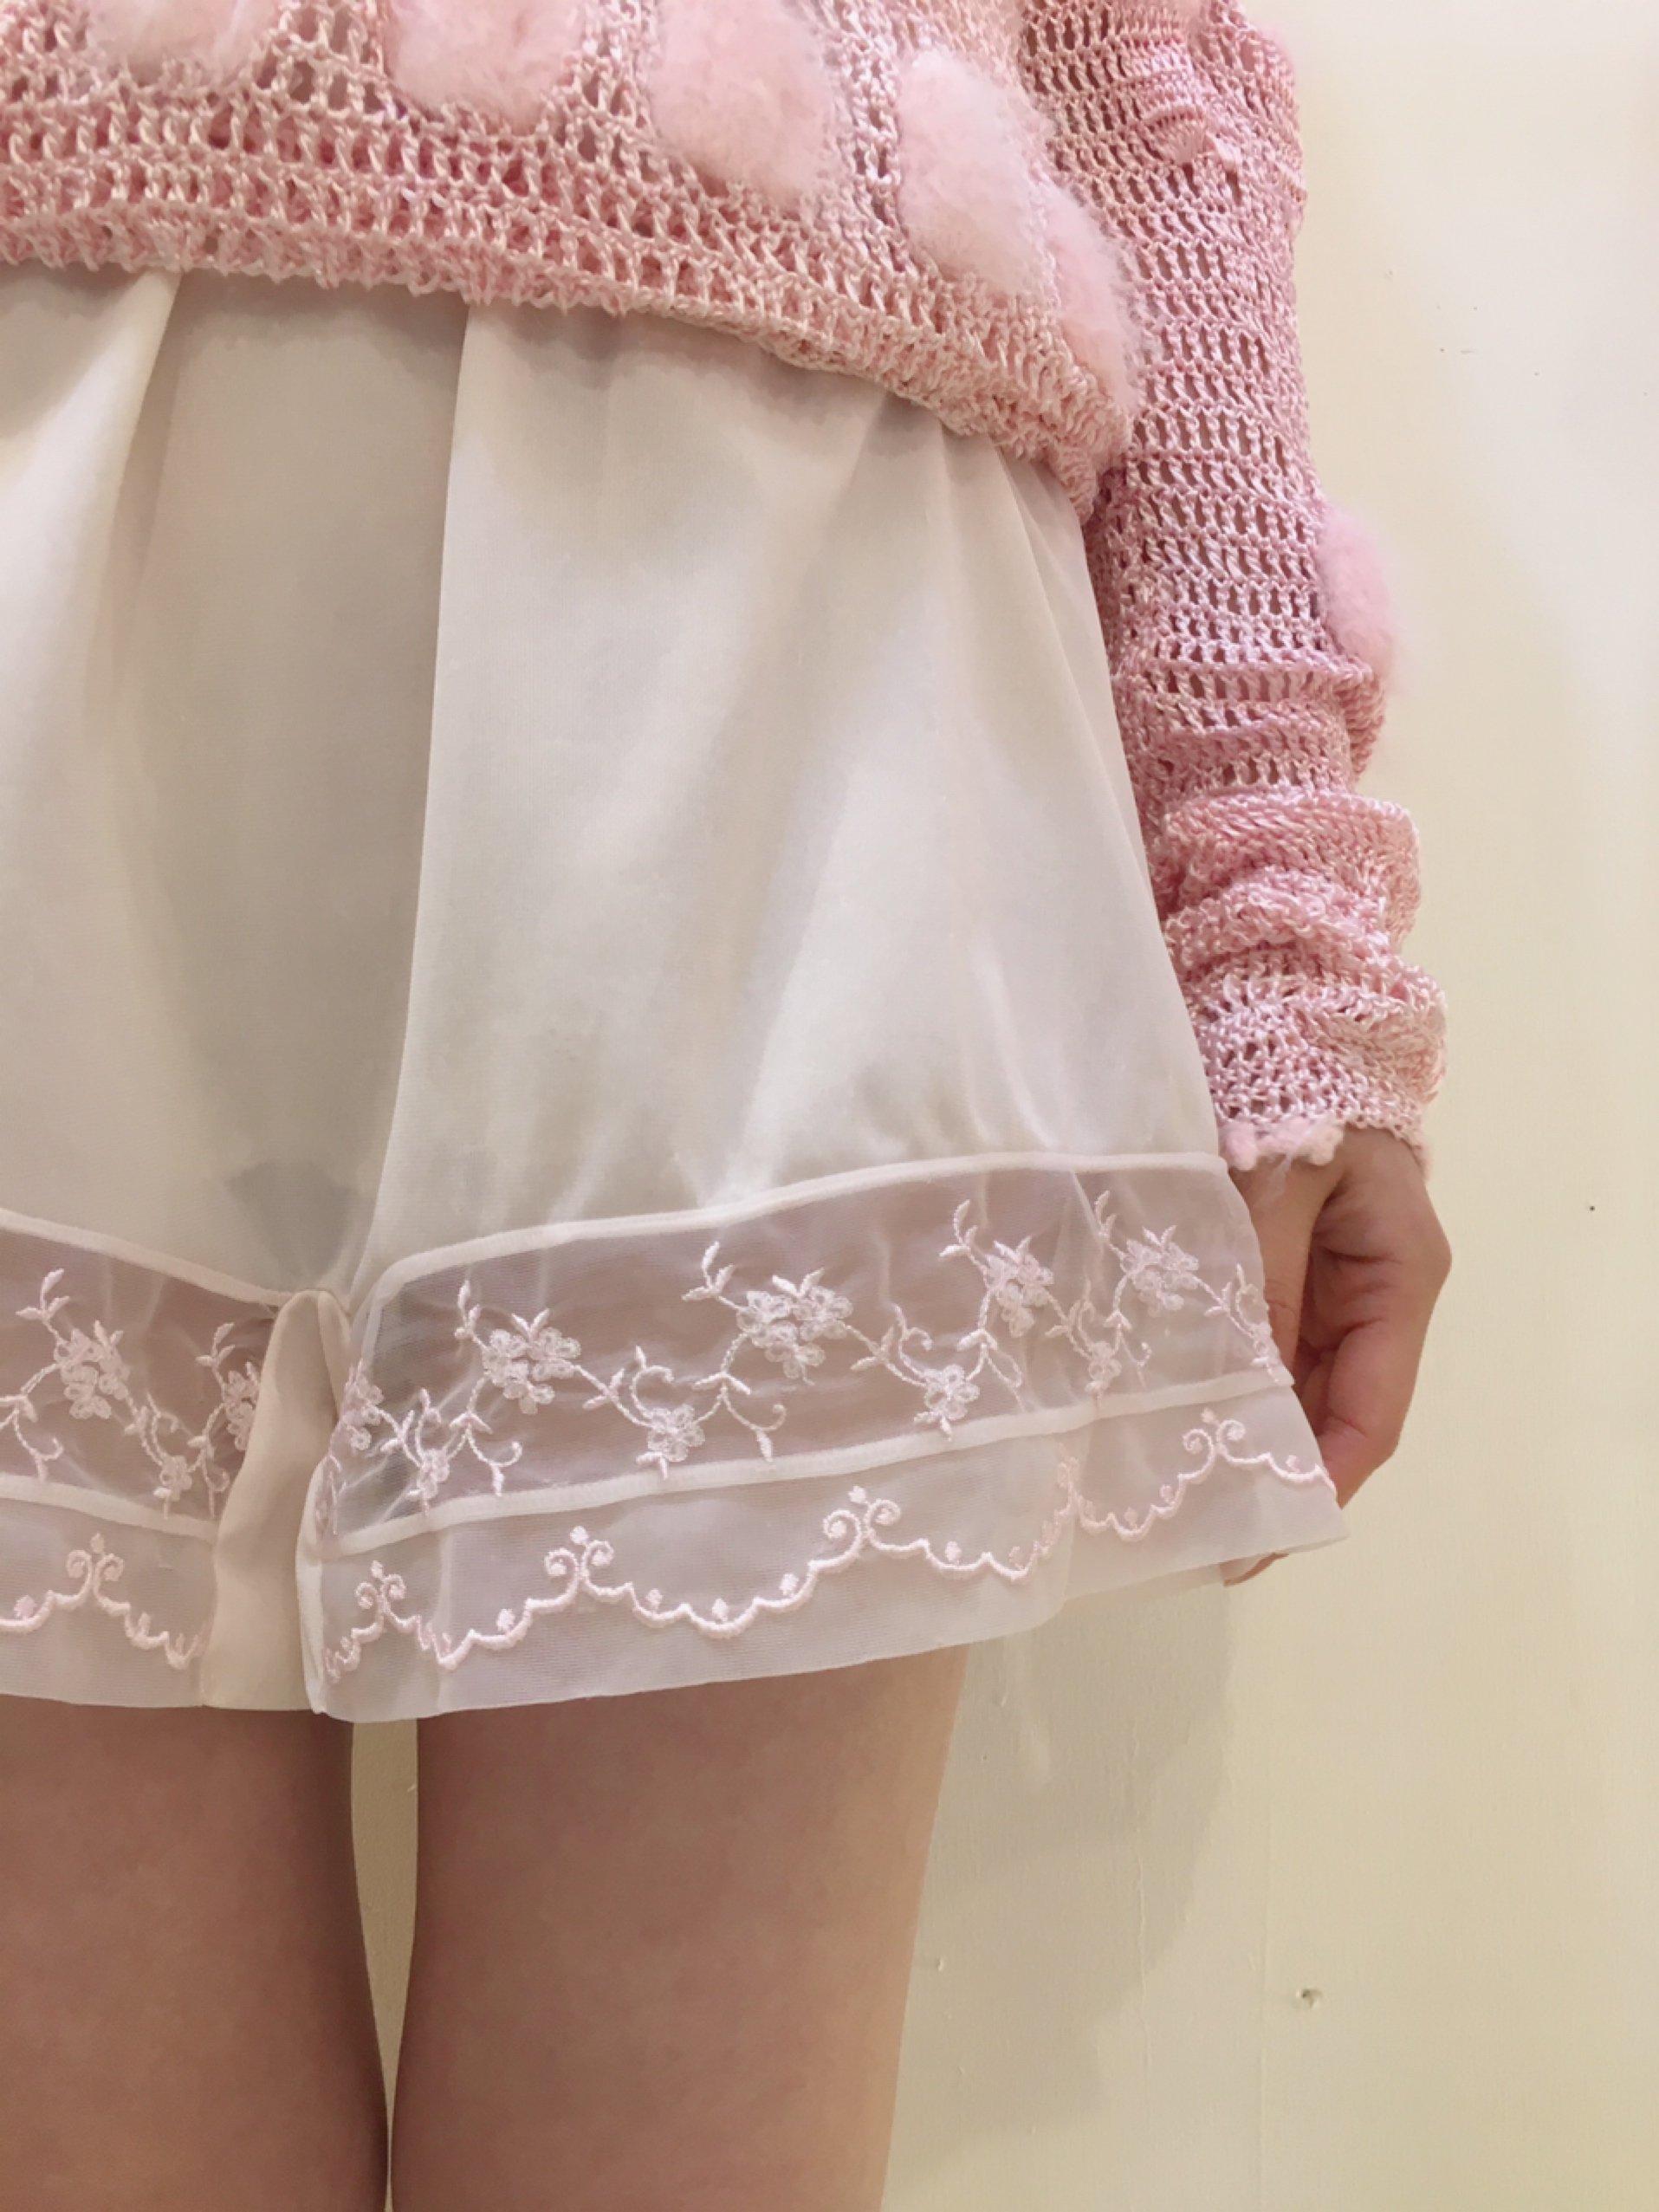 pink lingerie pants